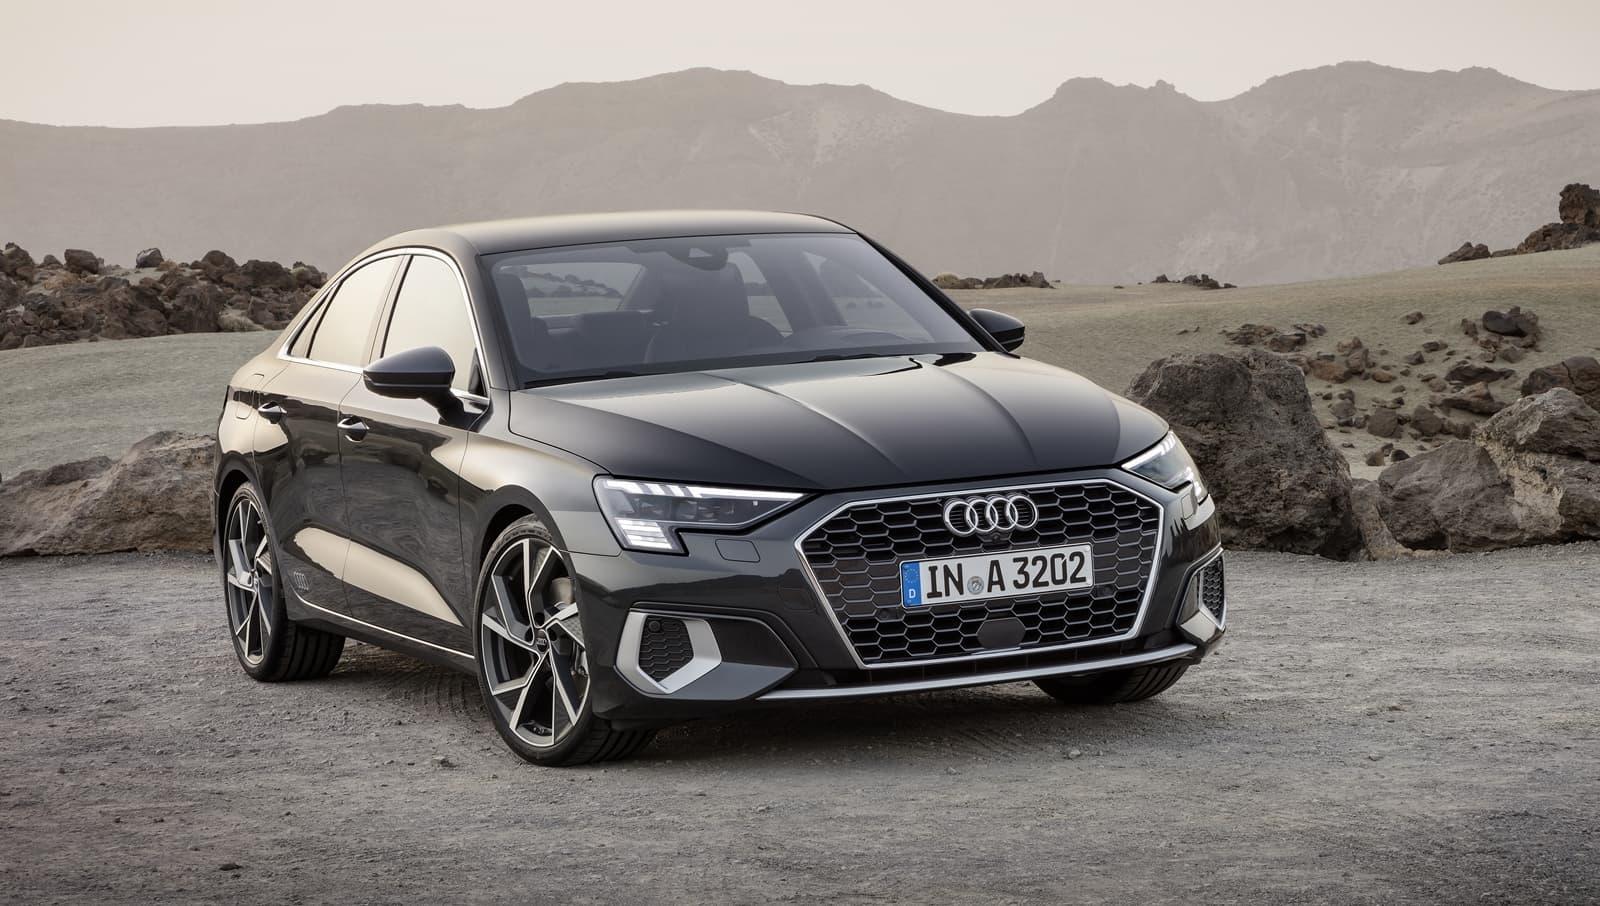 Audi A3 Sedan 2020 0420 007